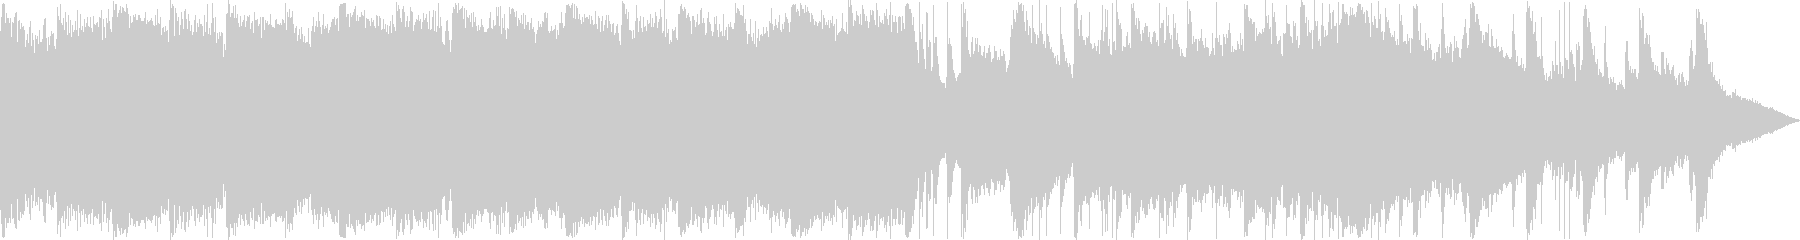 和楽器によるゆったりとした日本風BGMの未再生の波形